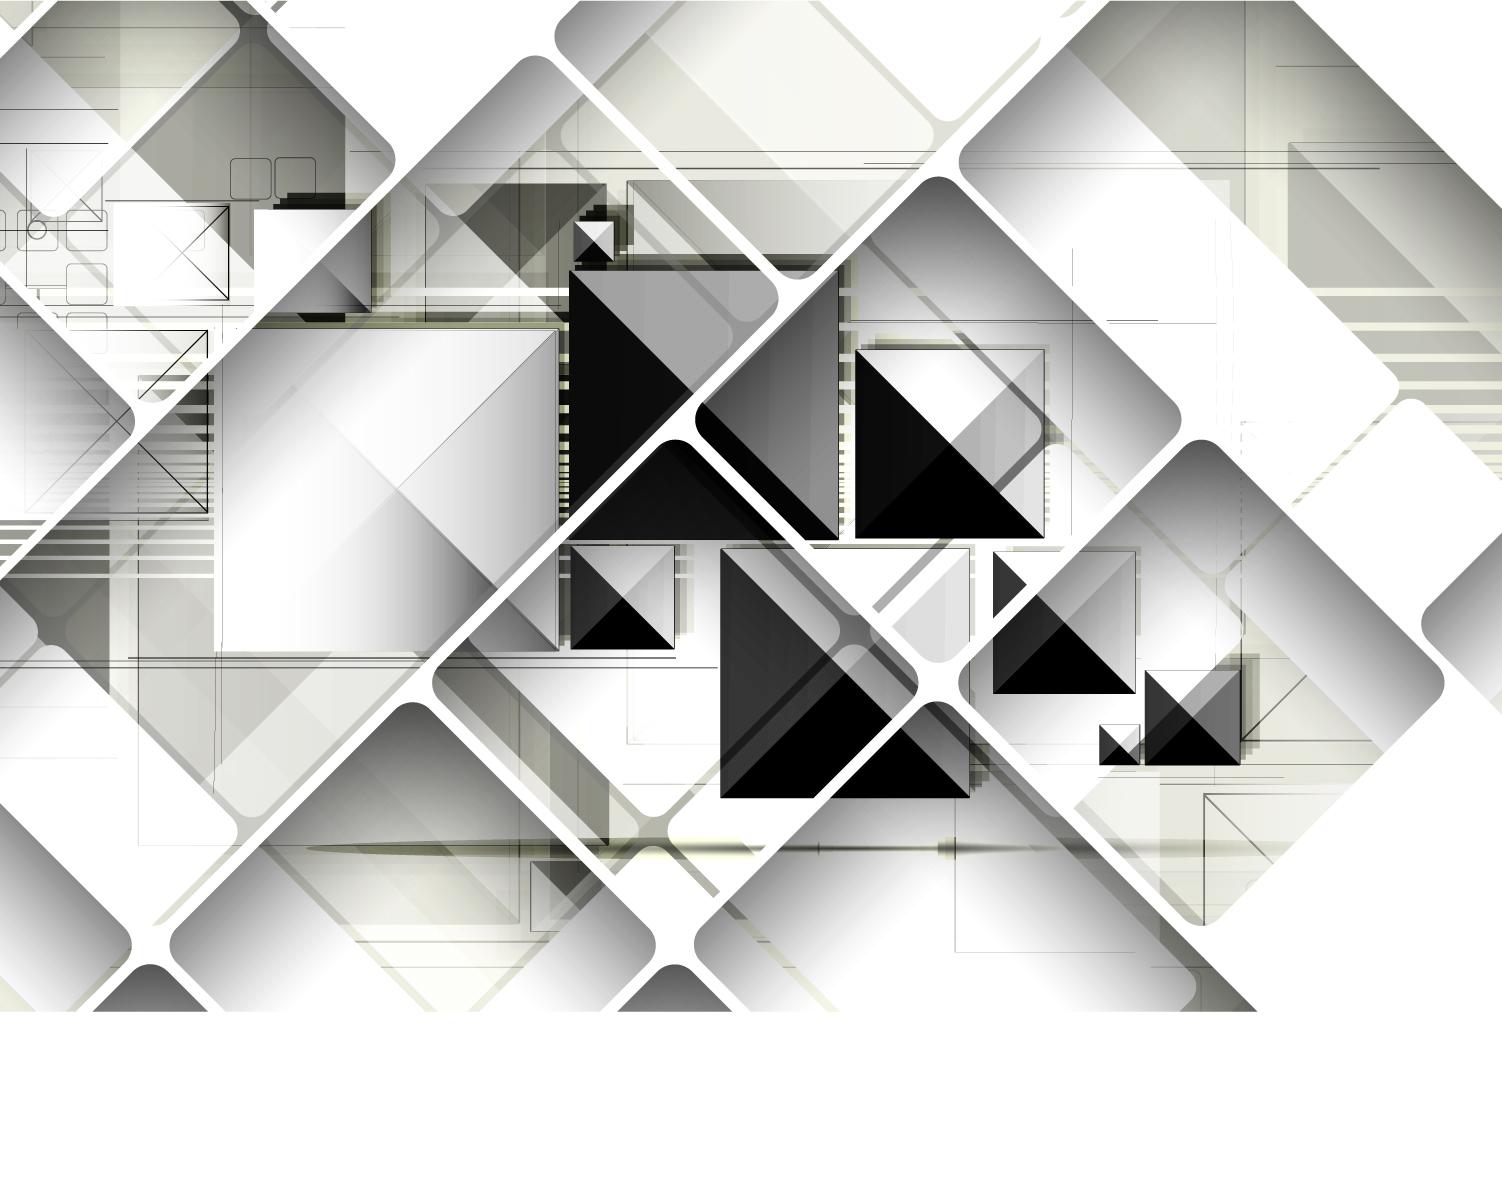 Squares - ArumVision